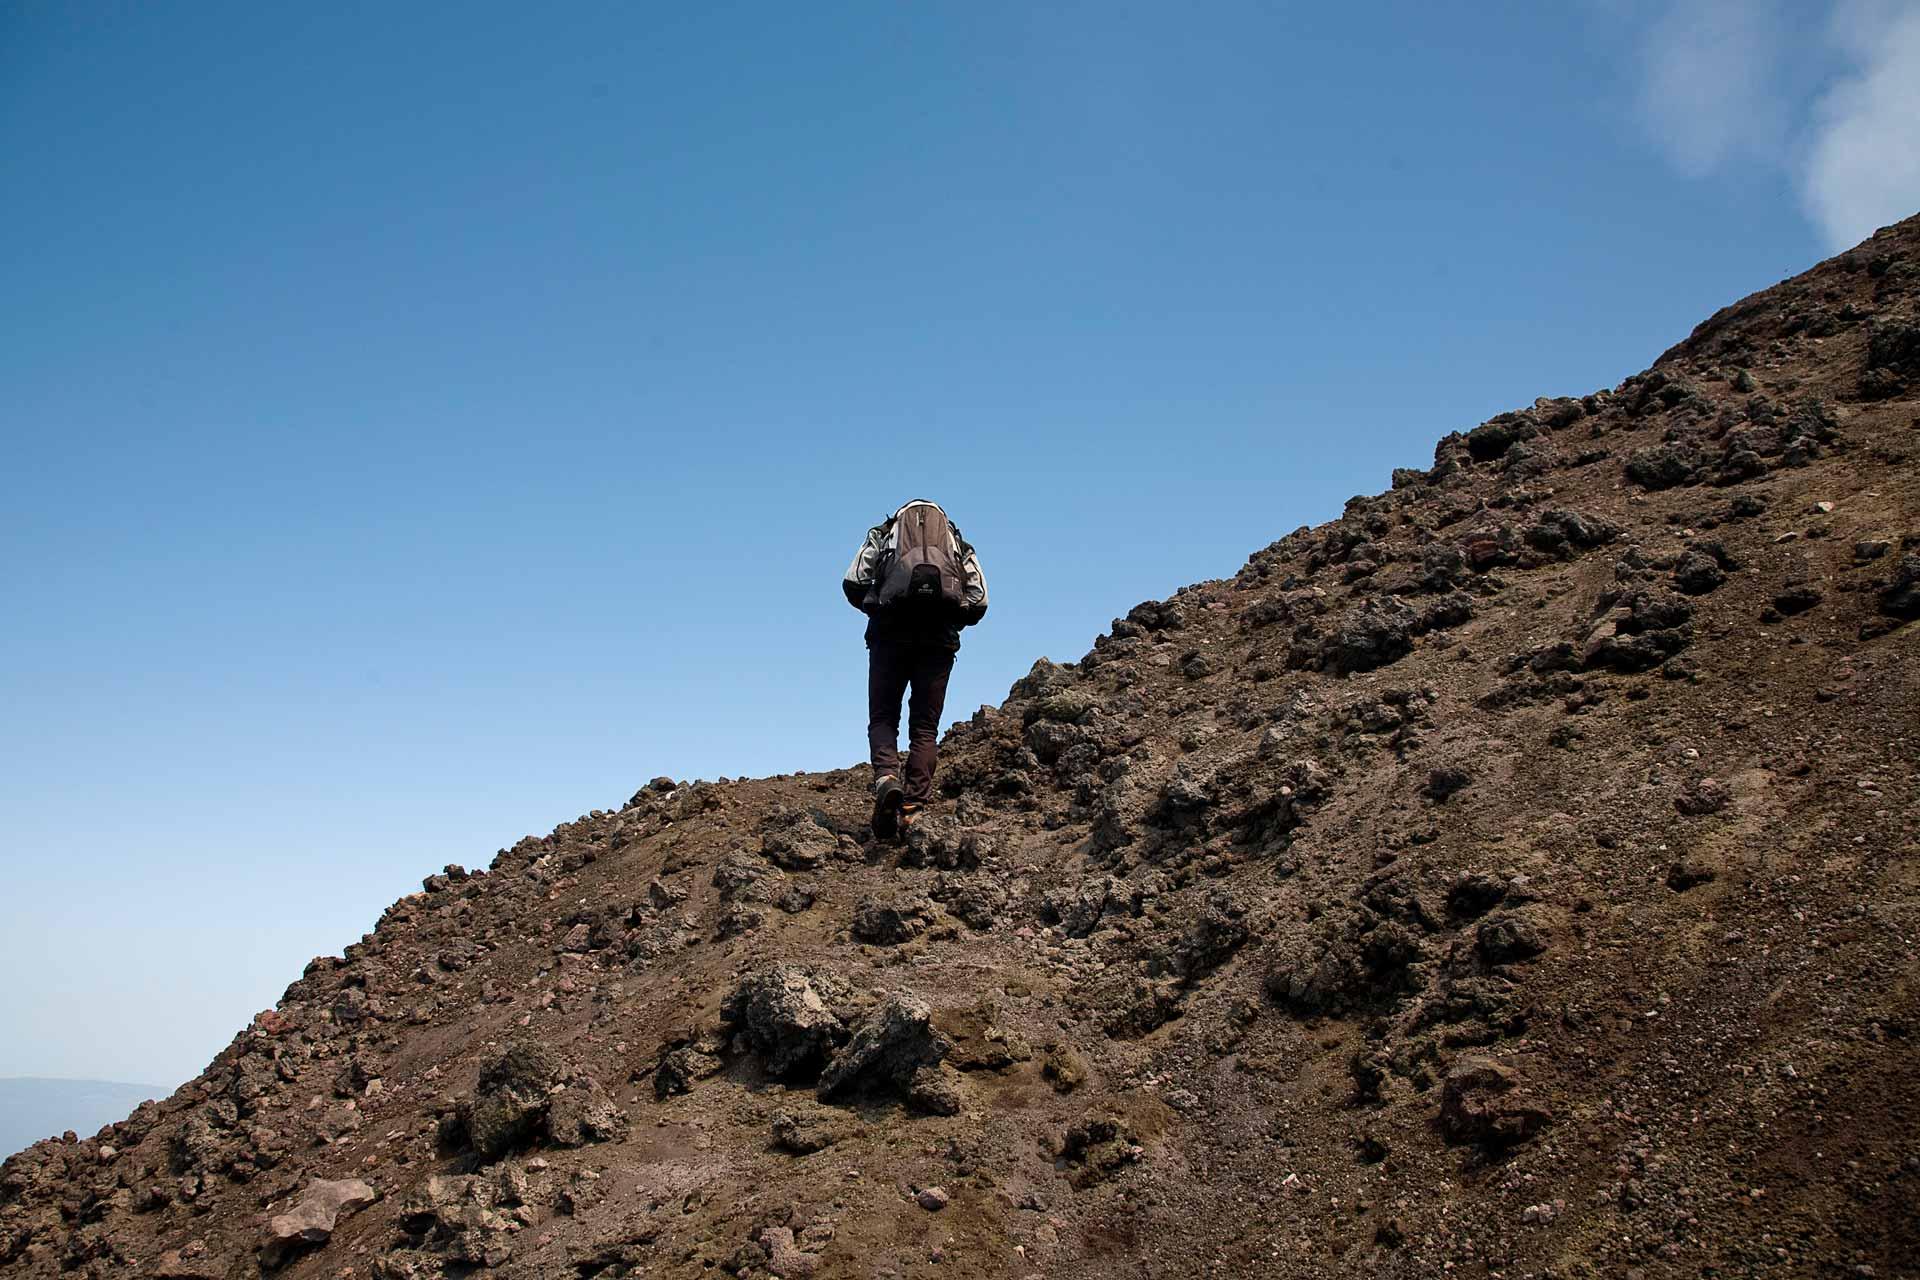 Continuiamo la salita sul costone sud-ovest del vulcano, i coni neri dei crateri avventizi, che incontriamo lungo il percorso, sono le sinistre vestigia di terribili e recenti eruzioni laterali. L'area craterica sommitale non rimane mai uguale nel tempo, anzi, si trasforma continuamente. Basti pensare che solo centoventi anni fa la cima del vulcano culminava con un unico Cratere Centrale, mentre oggi ne troviamo ben quattro, a riprova di rapidi e marcati cambiamenti morfo-strutturali.